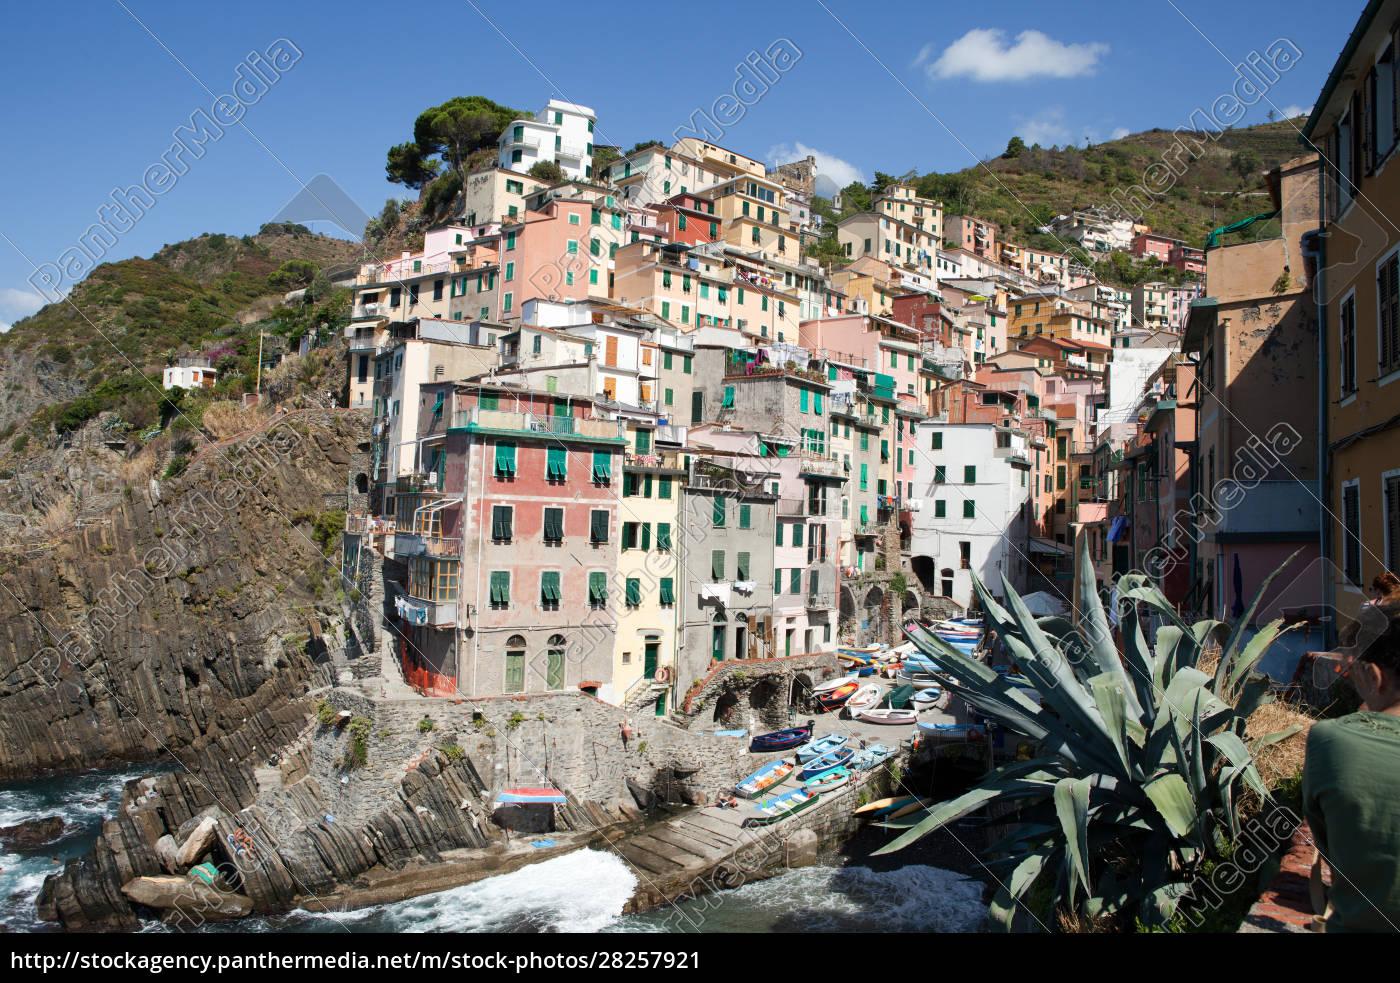 riomaggiore, -, one, of, the, cities - 28257921